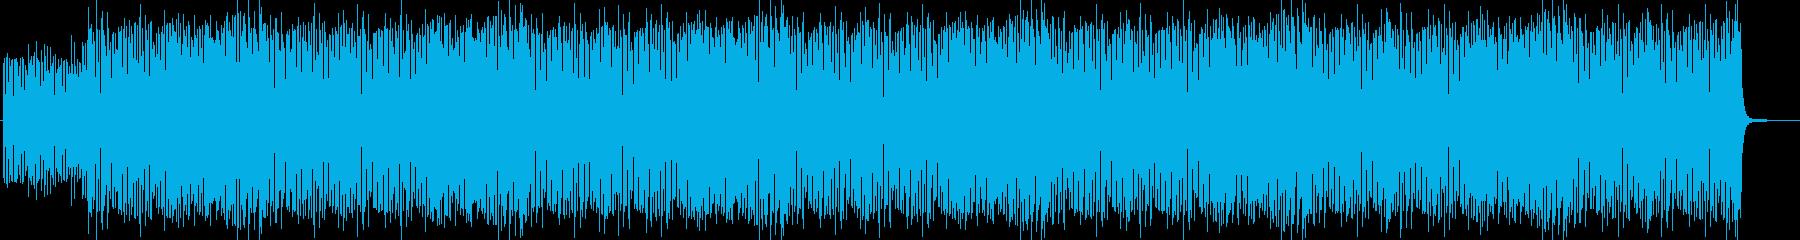 愉快でコミカル、奇妙なハロウィンサーカスの再生済みの波形